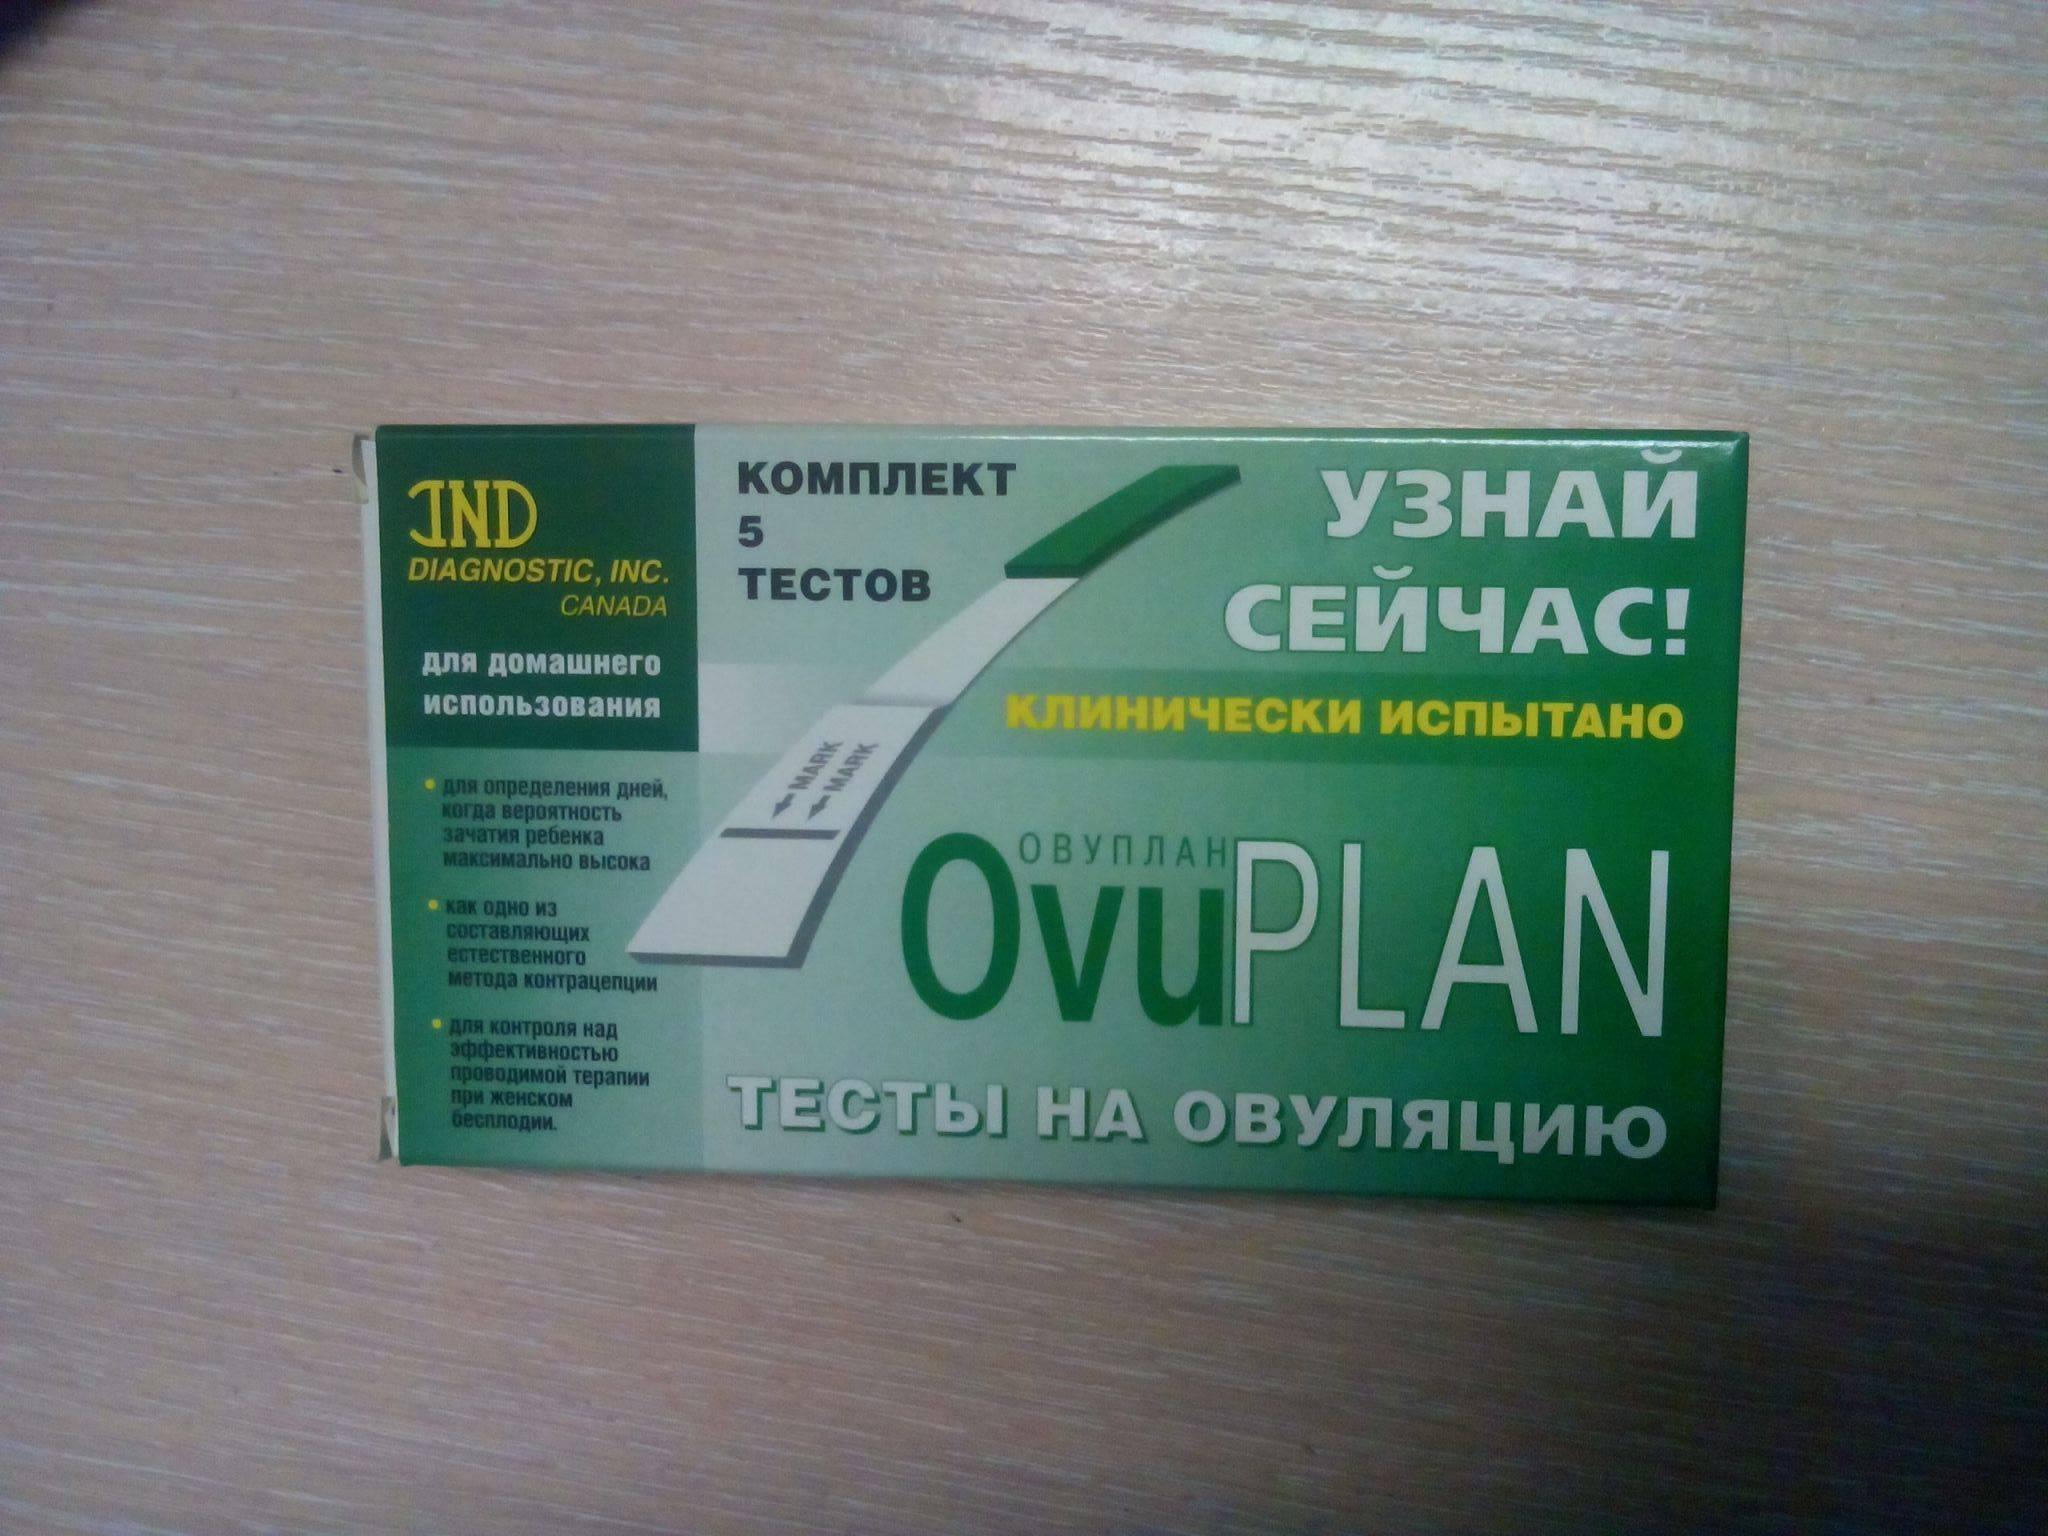 Тест на овуляцию ovuplan (овуплан): инструкция по применению, отзывы